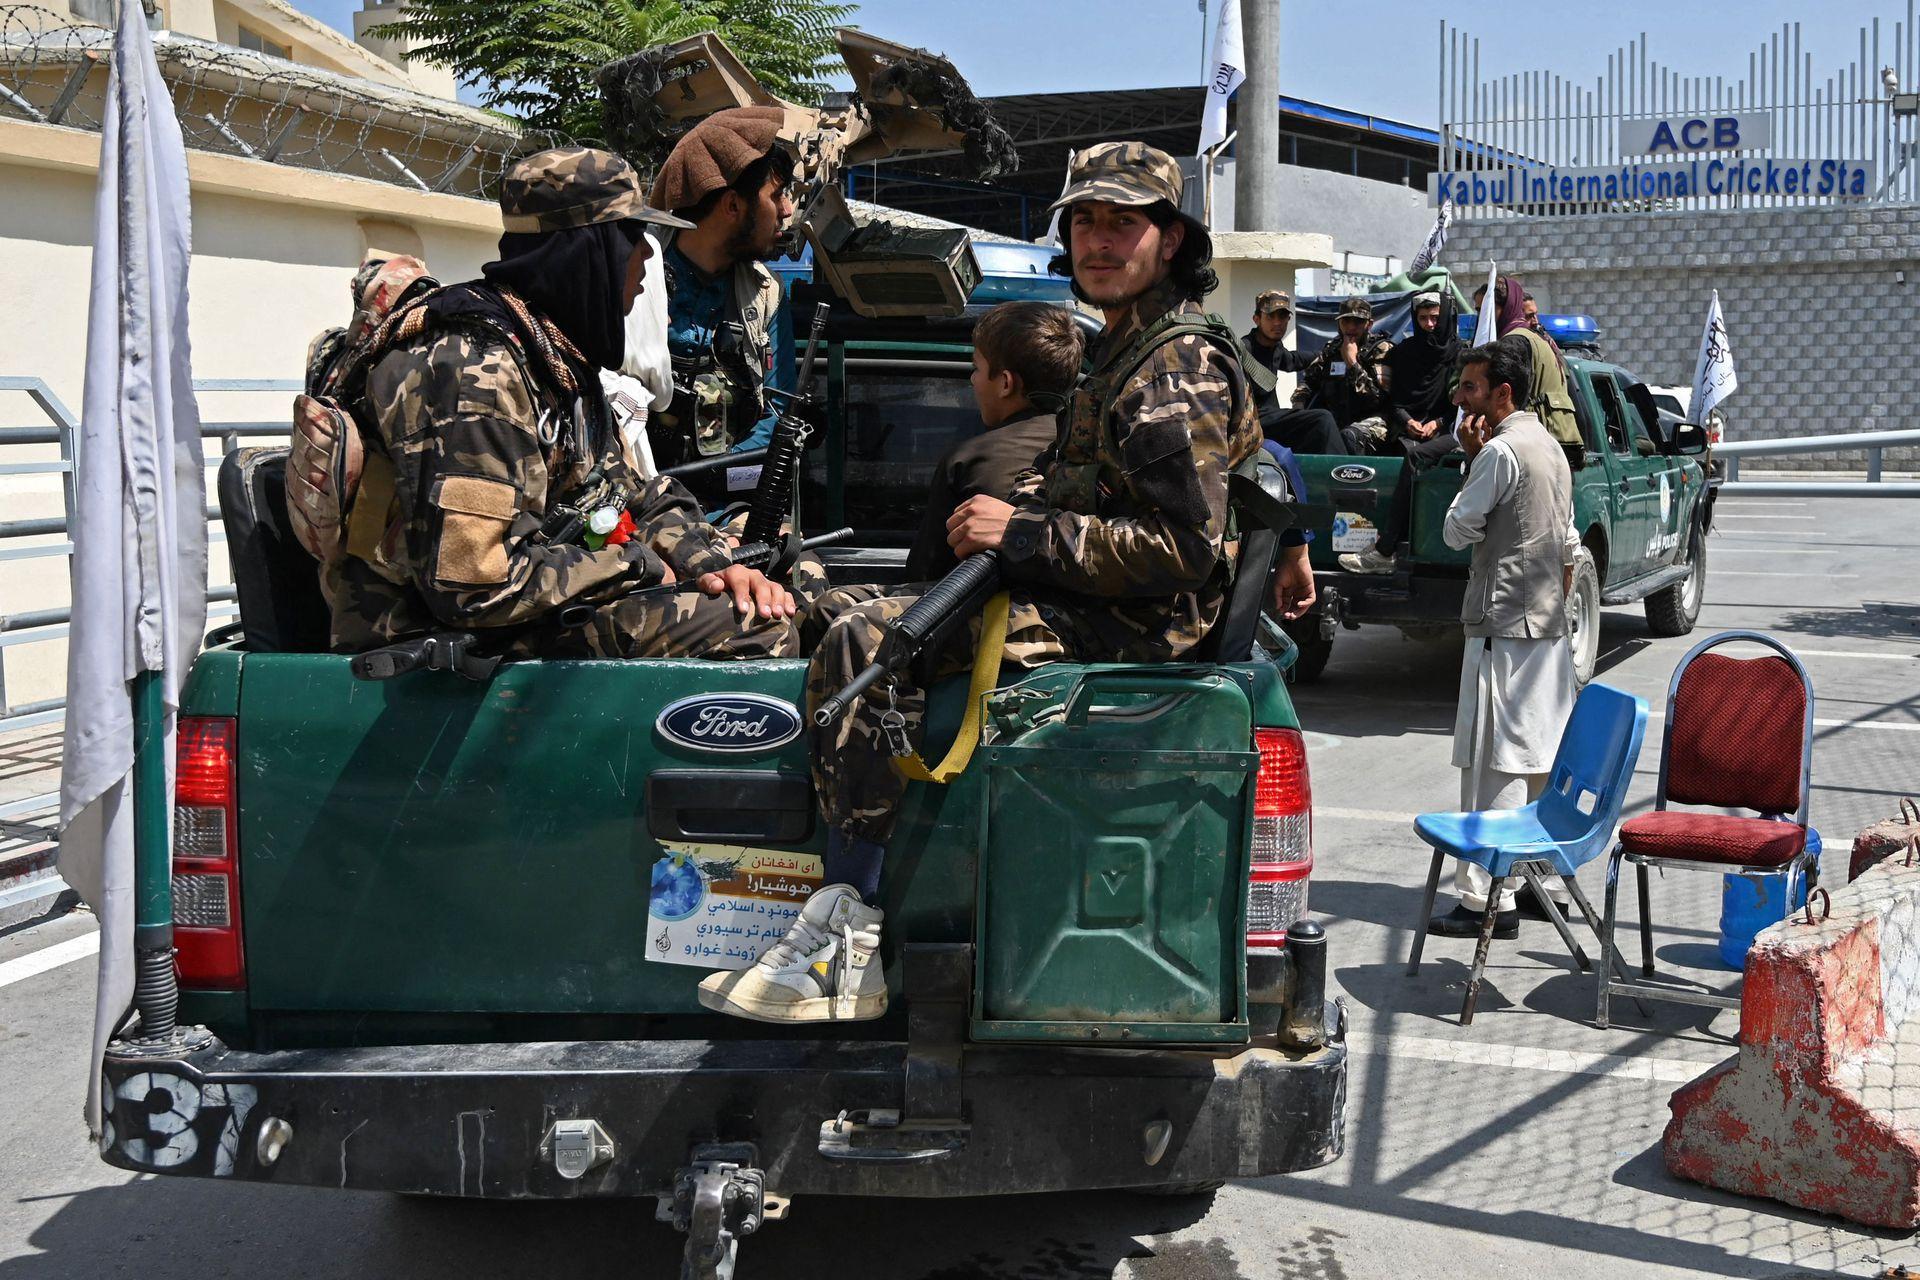 Milicianos talibanes patrullan los alrededores del Estadio Nacional de Criquet en Kabul